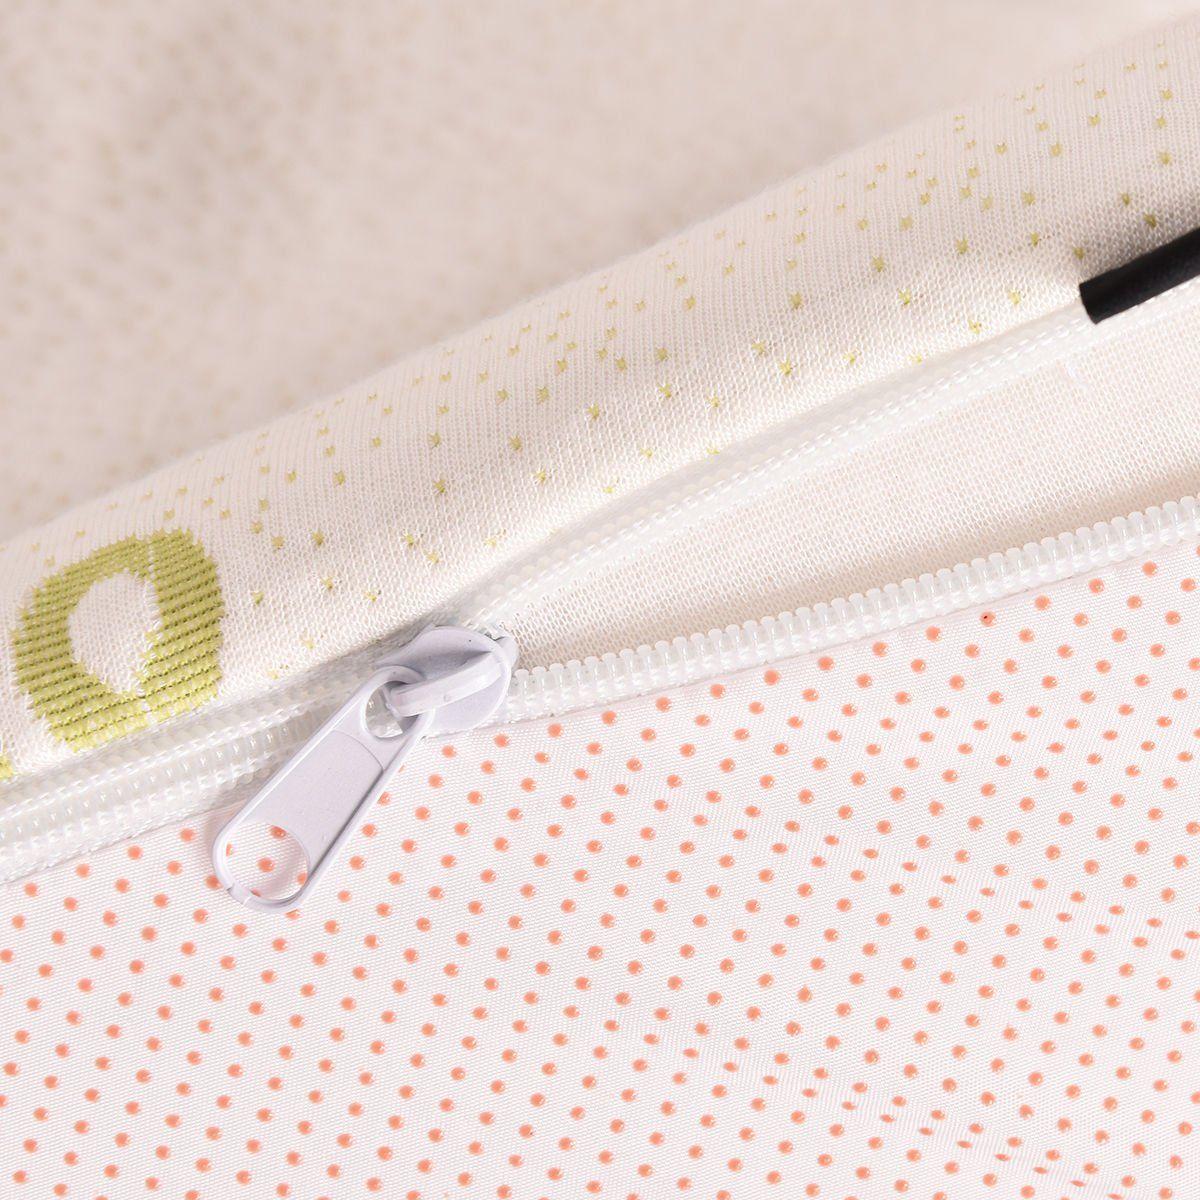 Pin on Queen Mattress Ideas